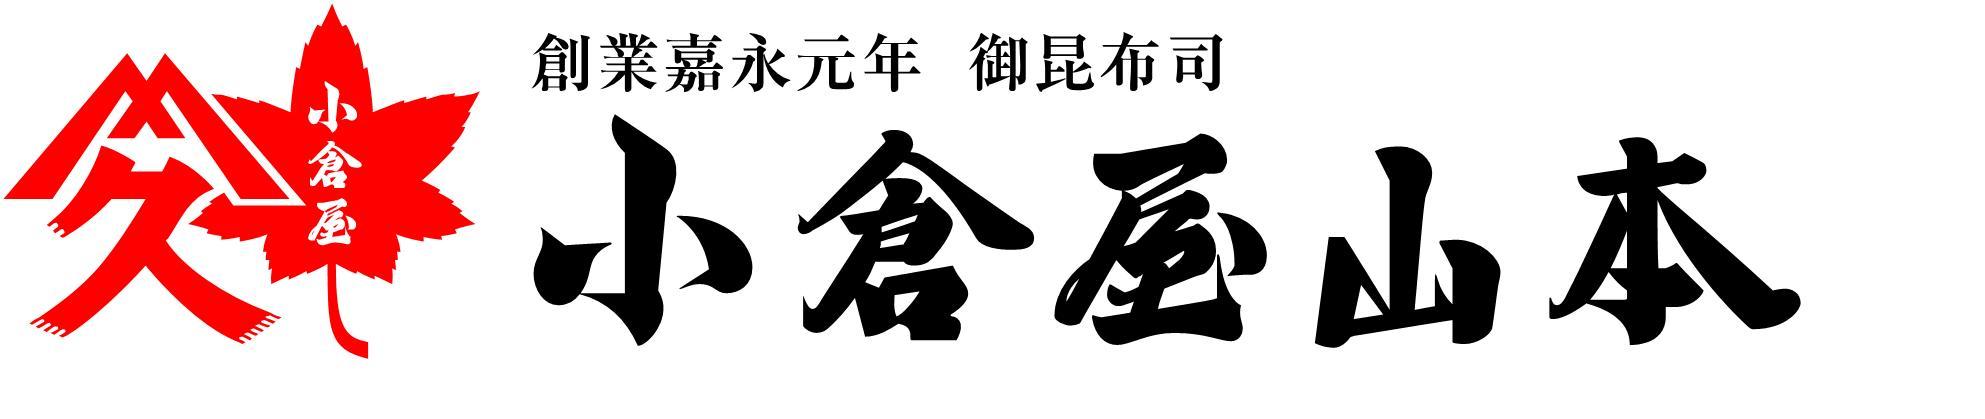 株式会社 小倉屋山本